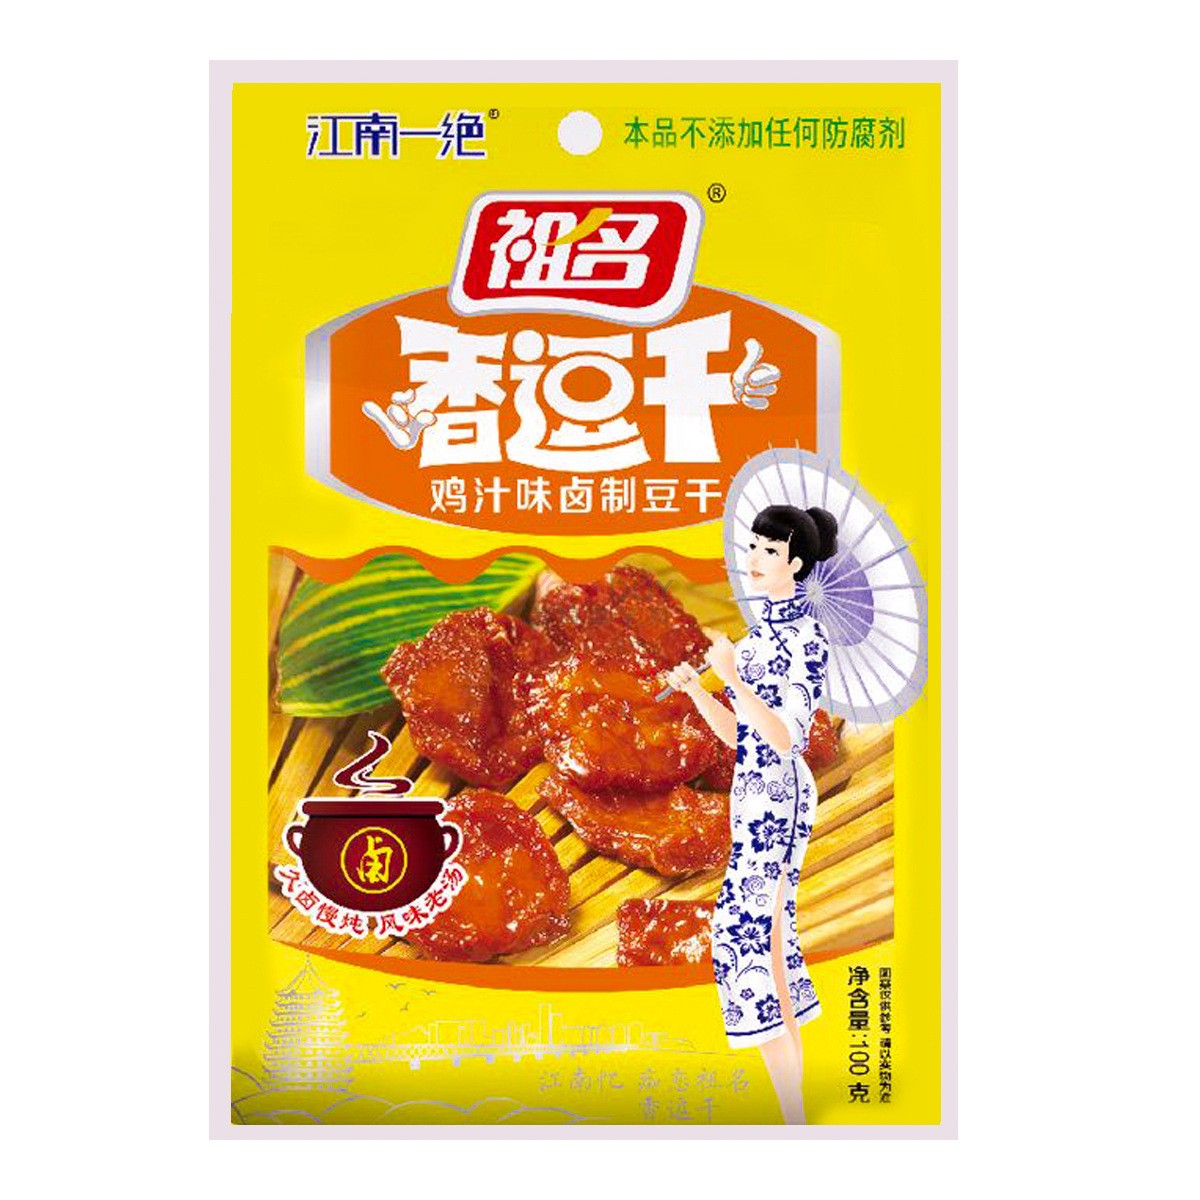 祖名 香逗干 鸡汁味卤制豆干 100g